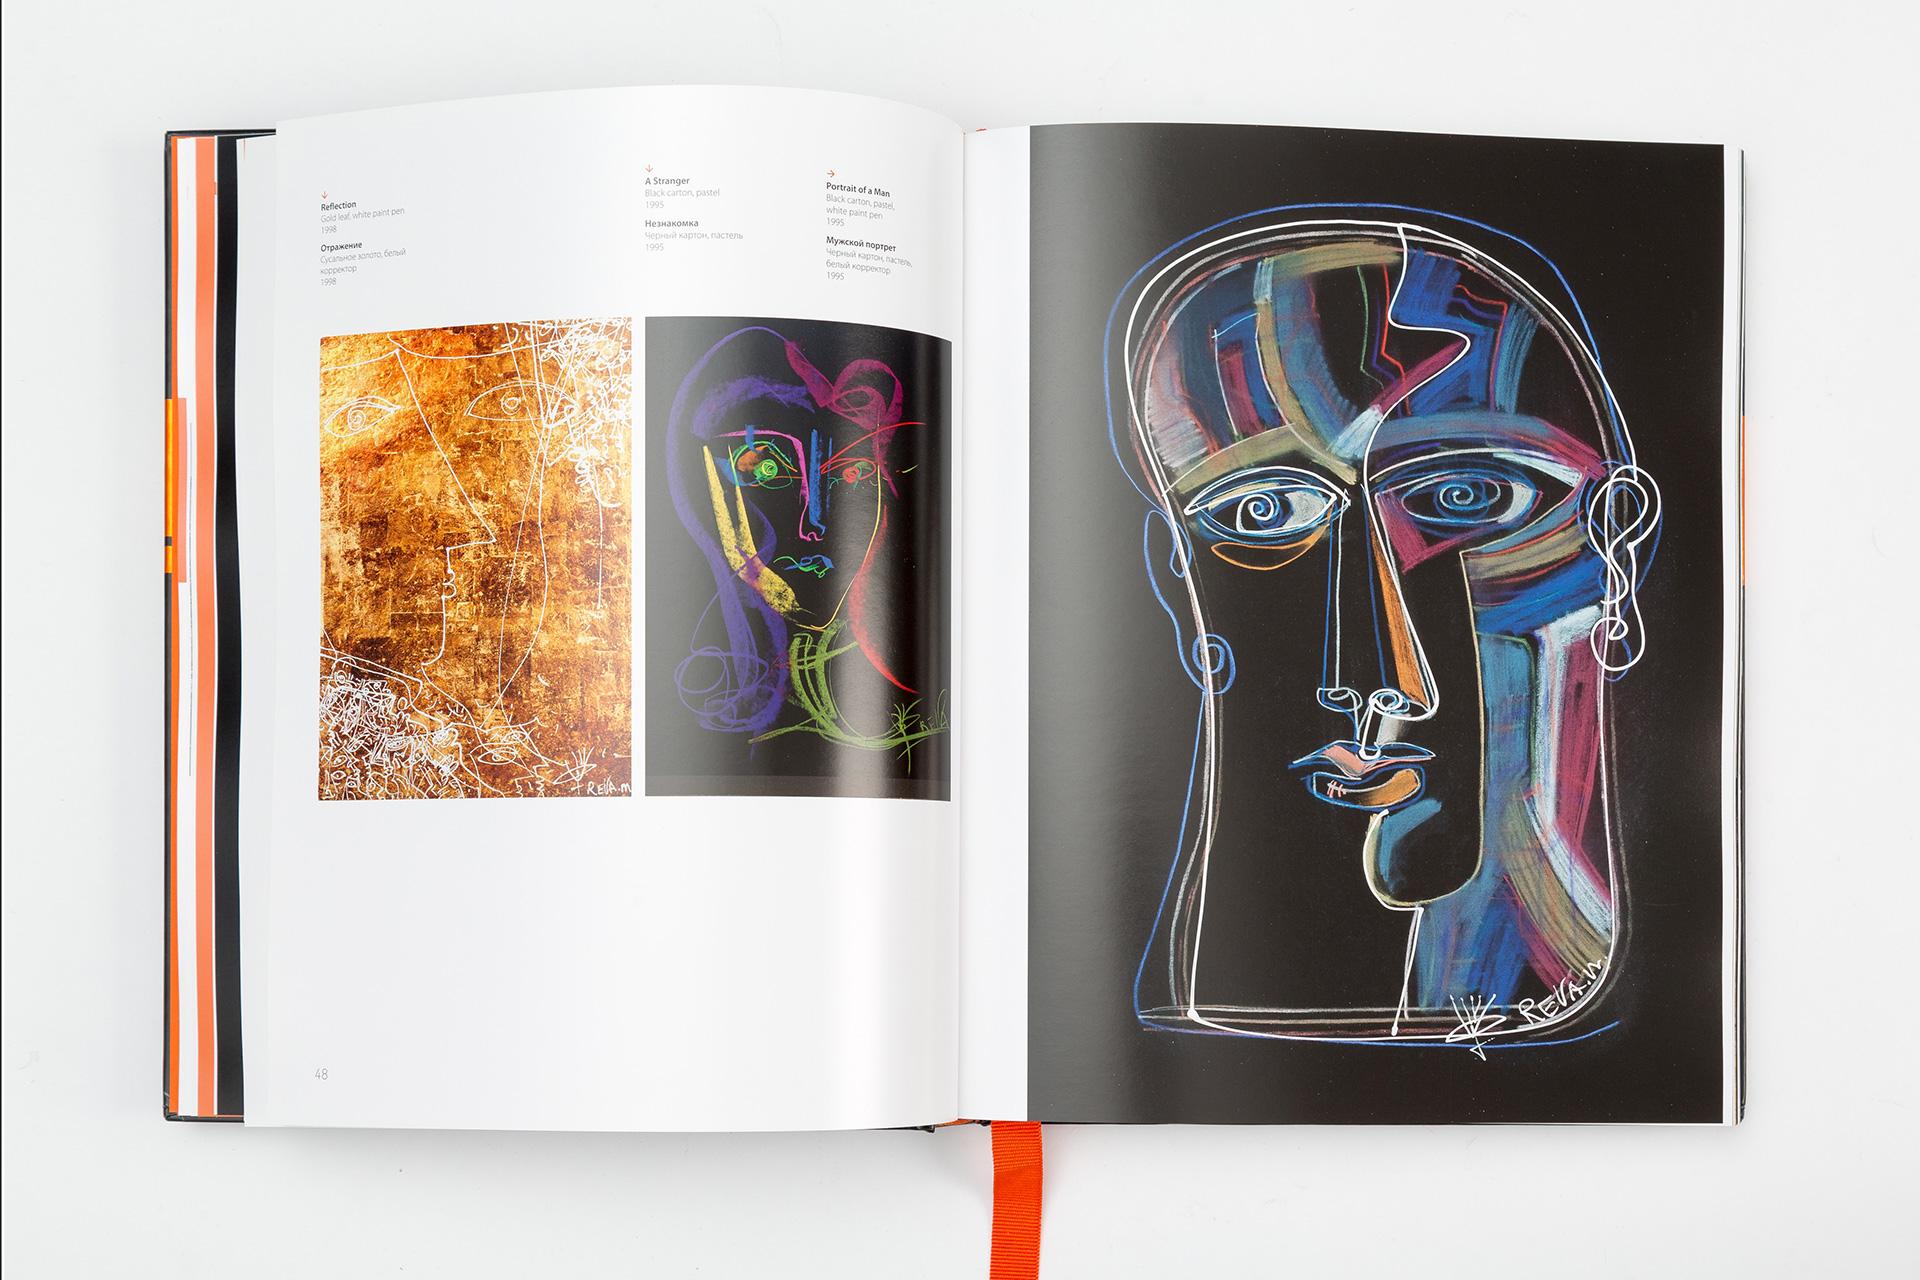 Агентство Asgard Branding, юбилейный альбом, дизайн внутреннего разворота, сетка издания, дизайн книги, Михаил Рева